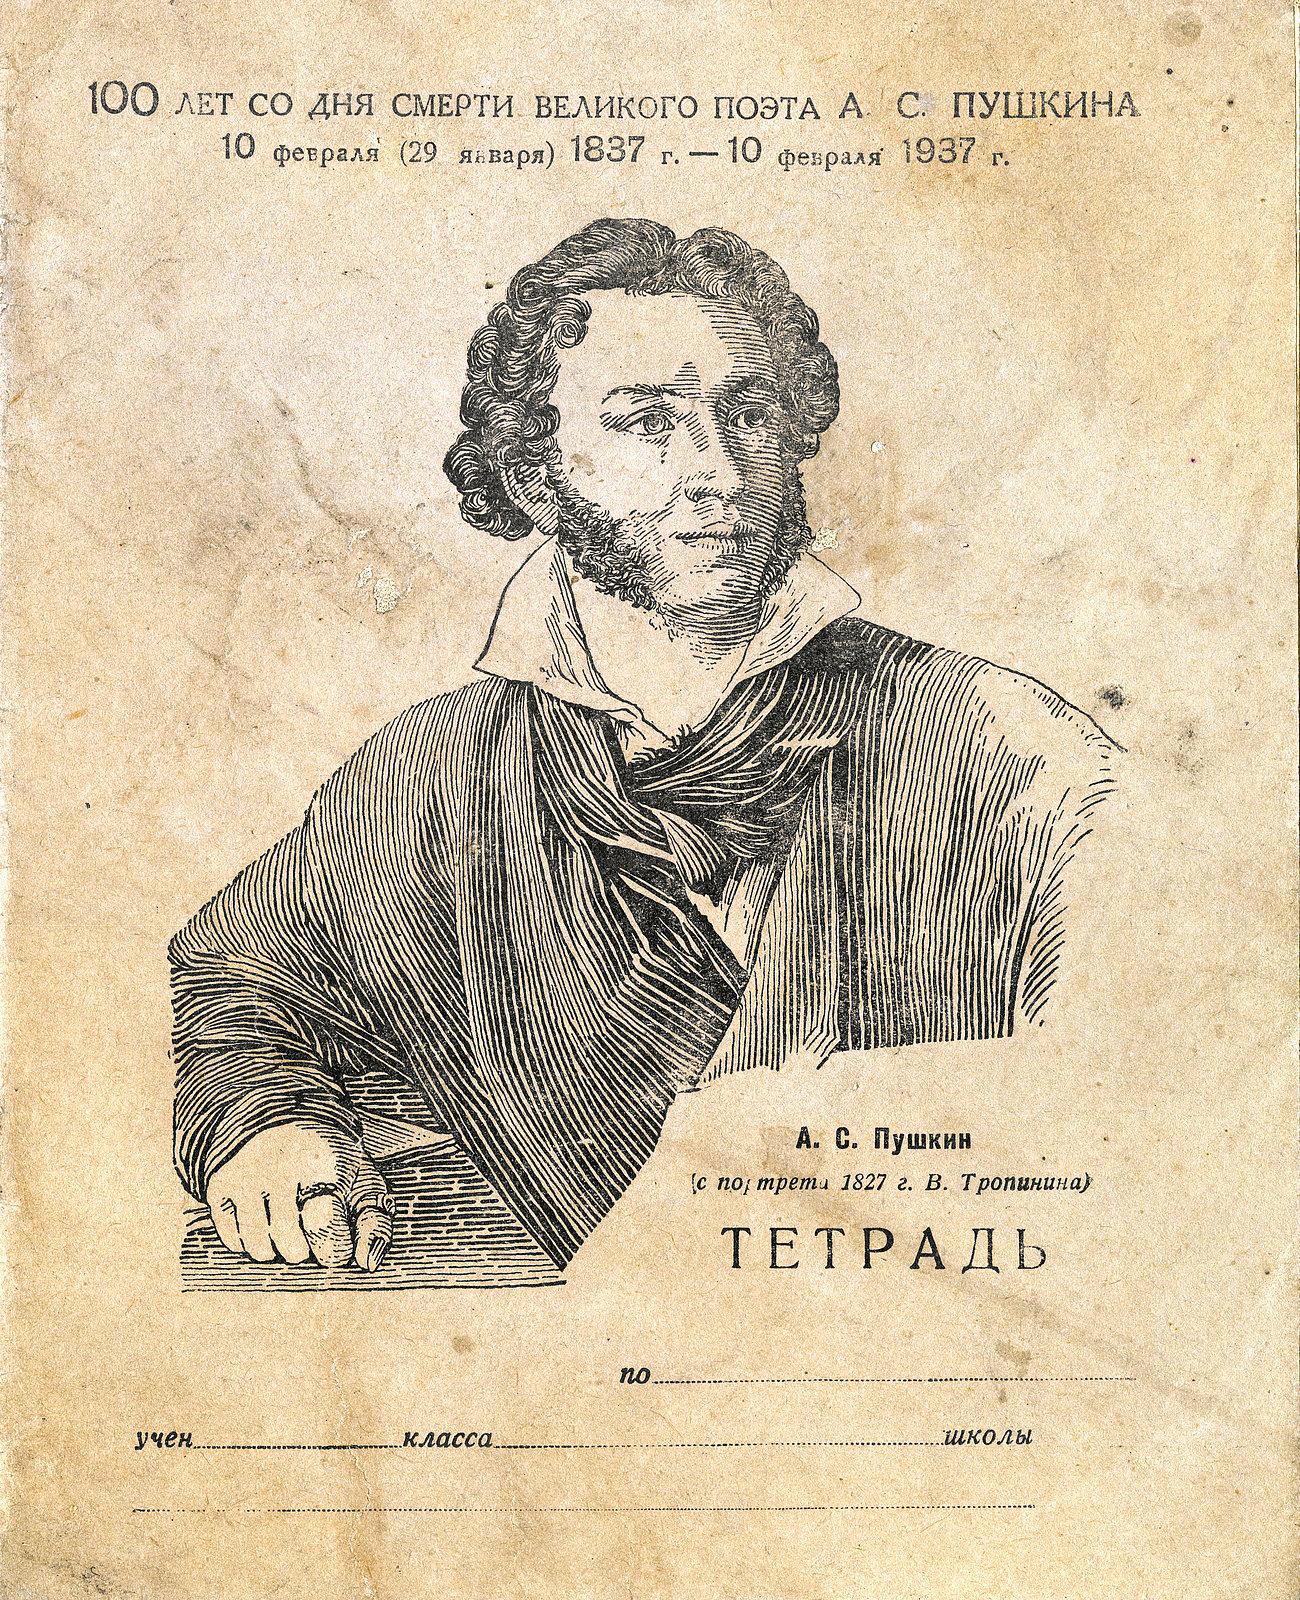 Тетрадь Пушкин, 1937, 2, 170х210